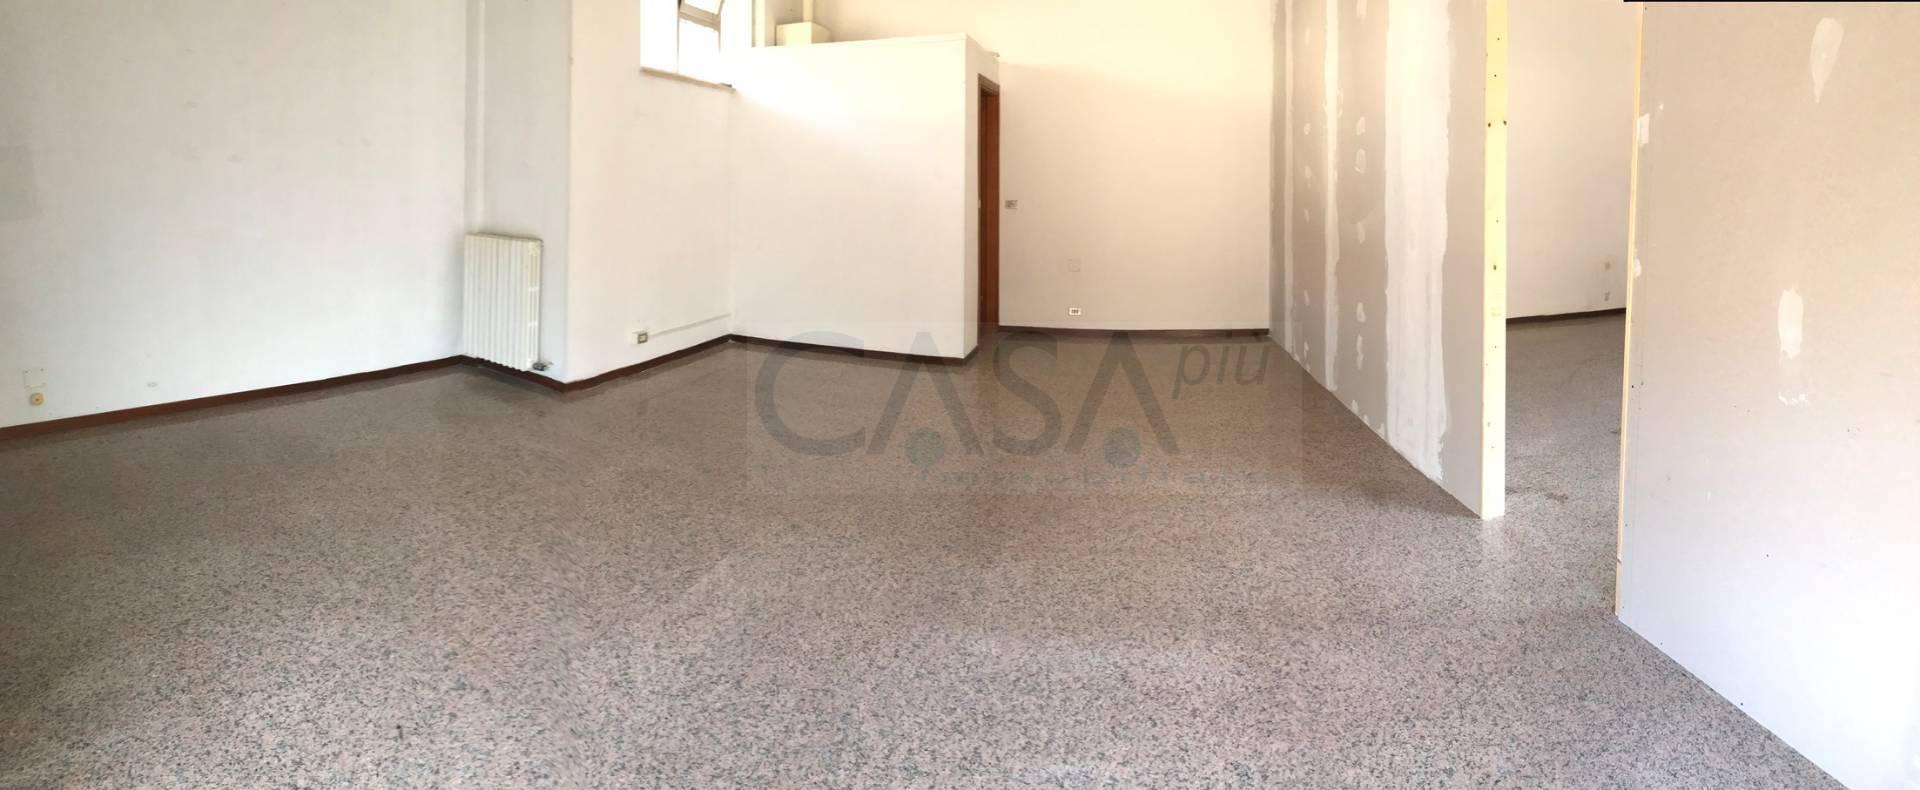 Ufficio / Studio in affitto a Martinsicuro, 9999 locali, prezzo € 59.000 | CambioCasa.it